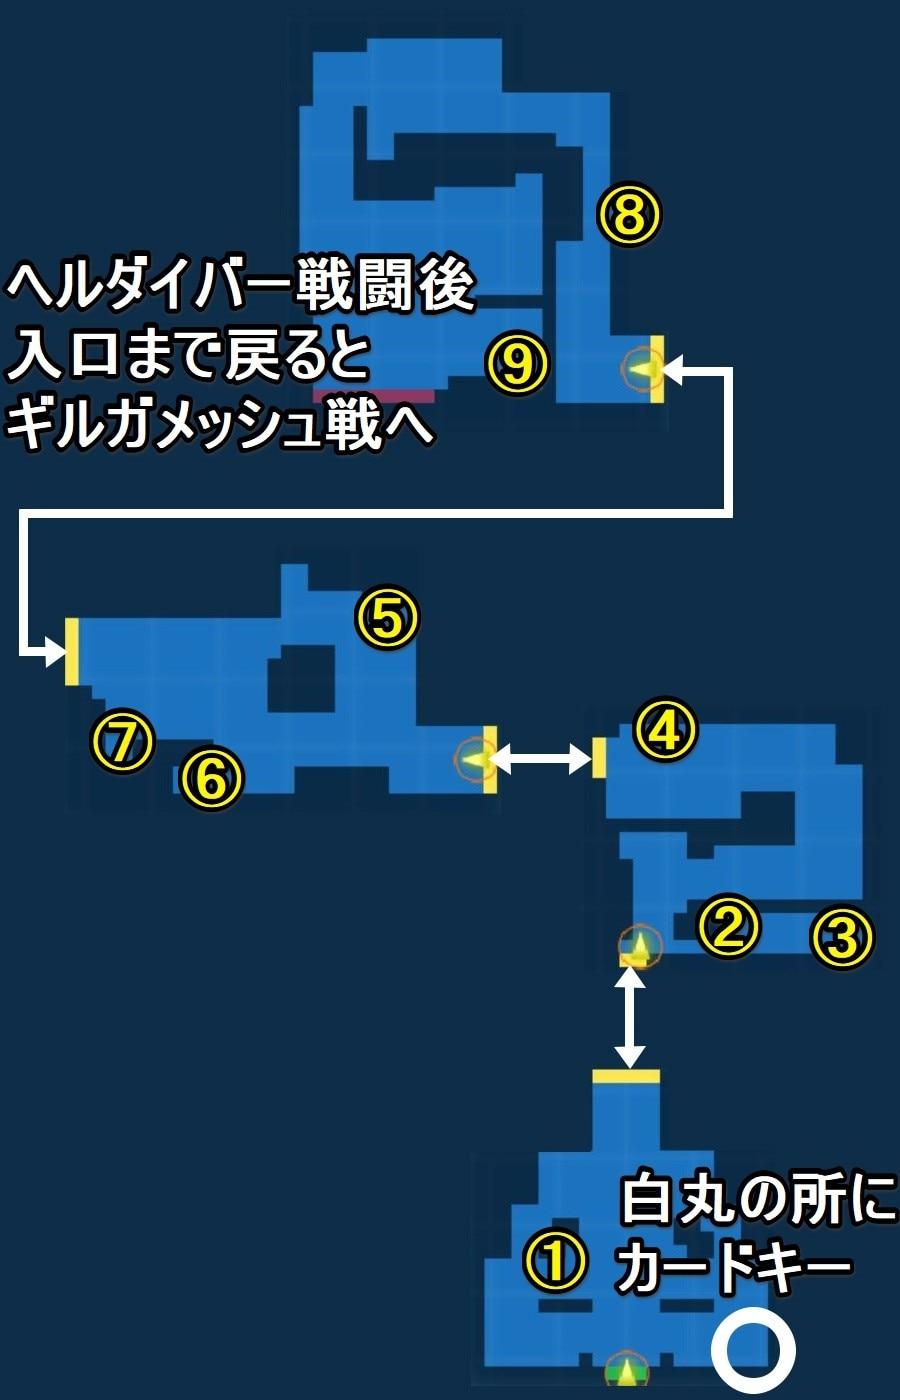 ビッグブリッジ探索宝箱マップ